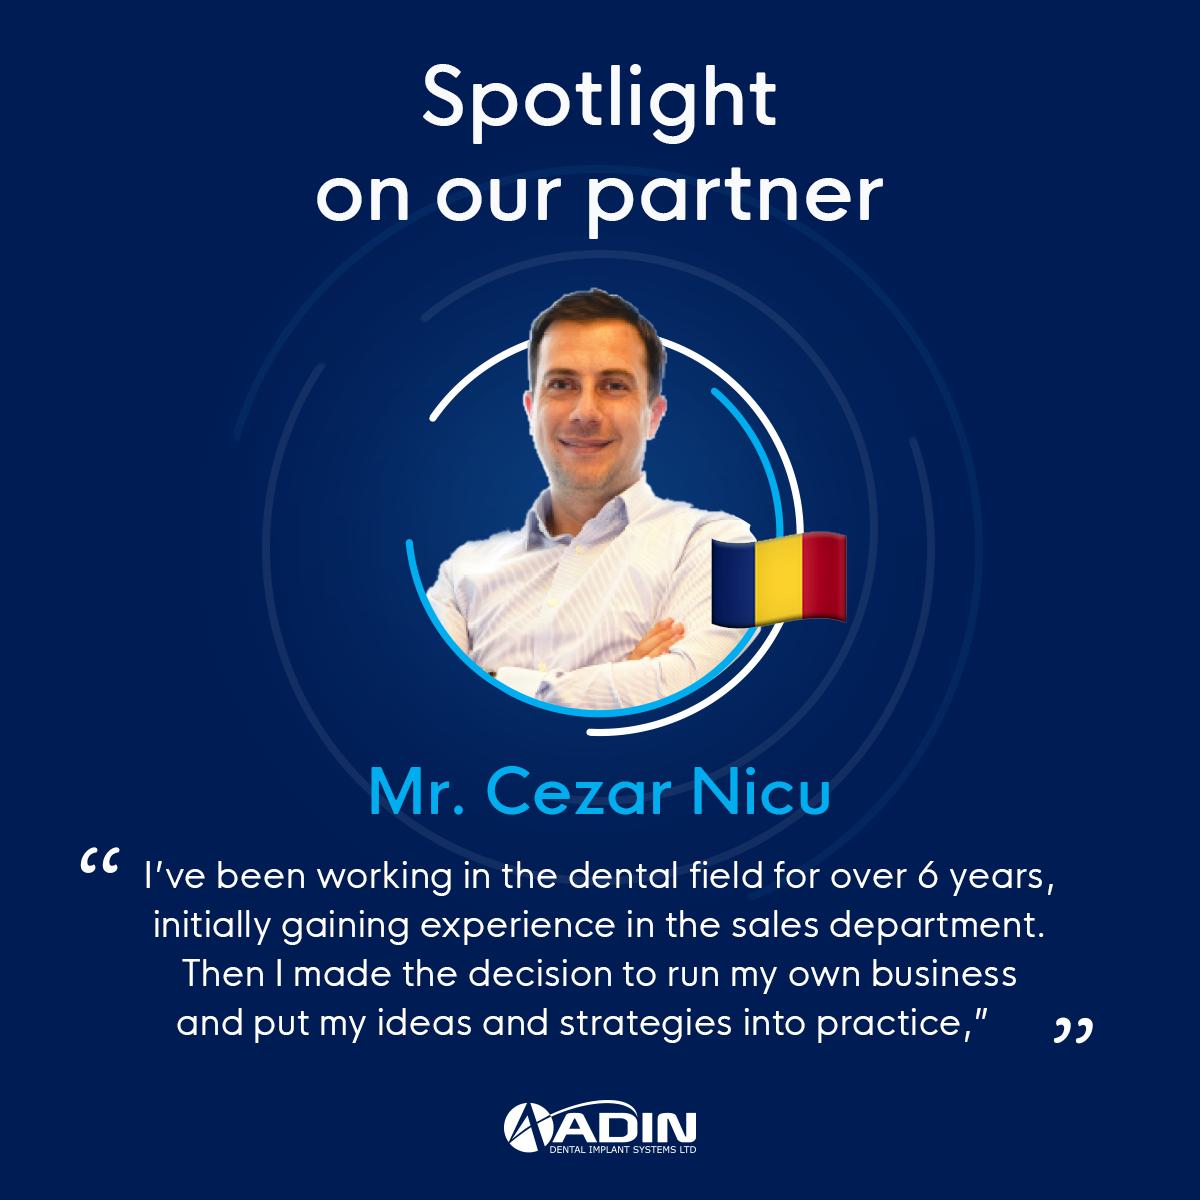 Spotlight on our partner Mr. Cezar Nicu, Romania